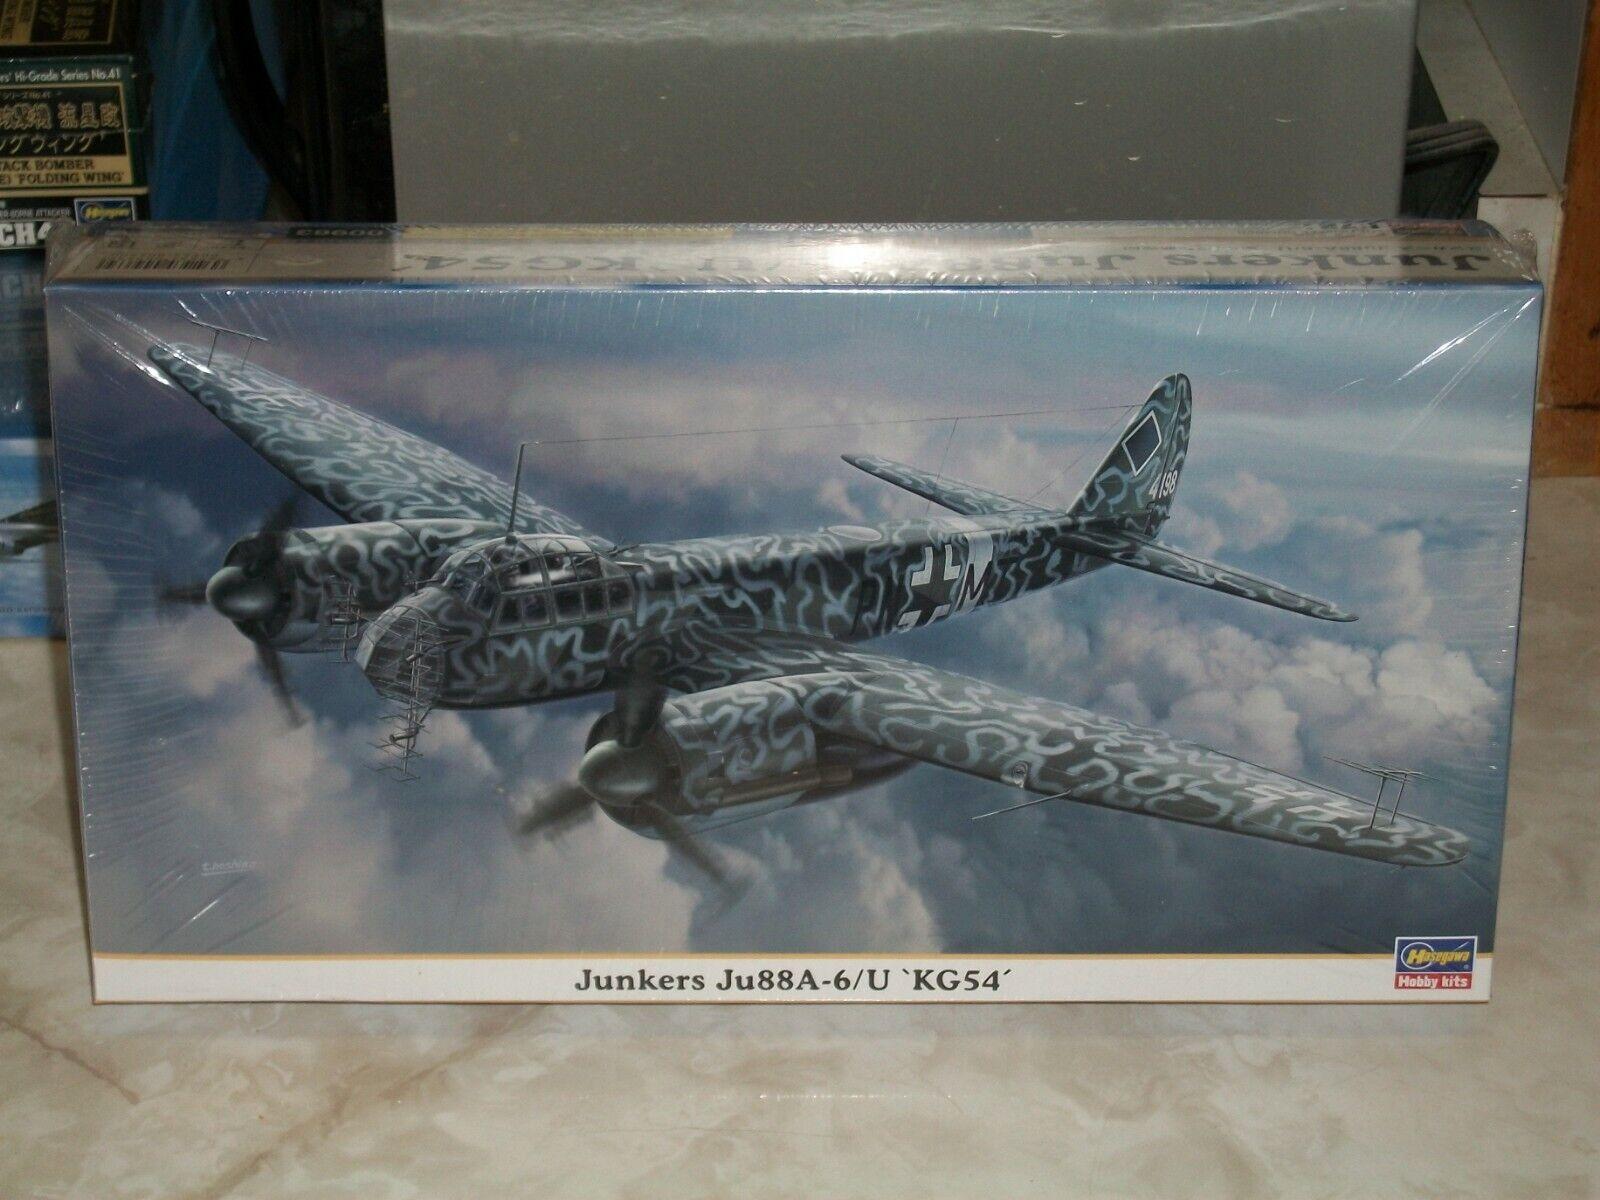 Hasegawa 1 72 Scale Junkers Ju 88A-6 U 'KG54'. - Factory Sealed